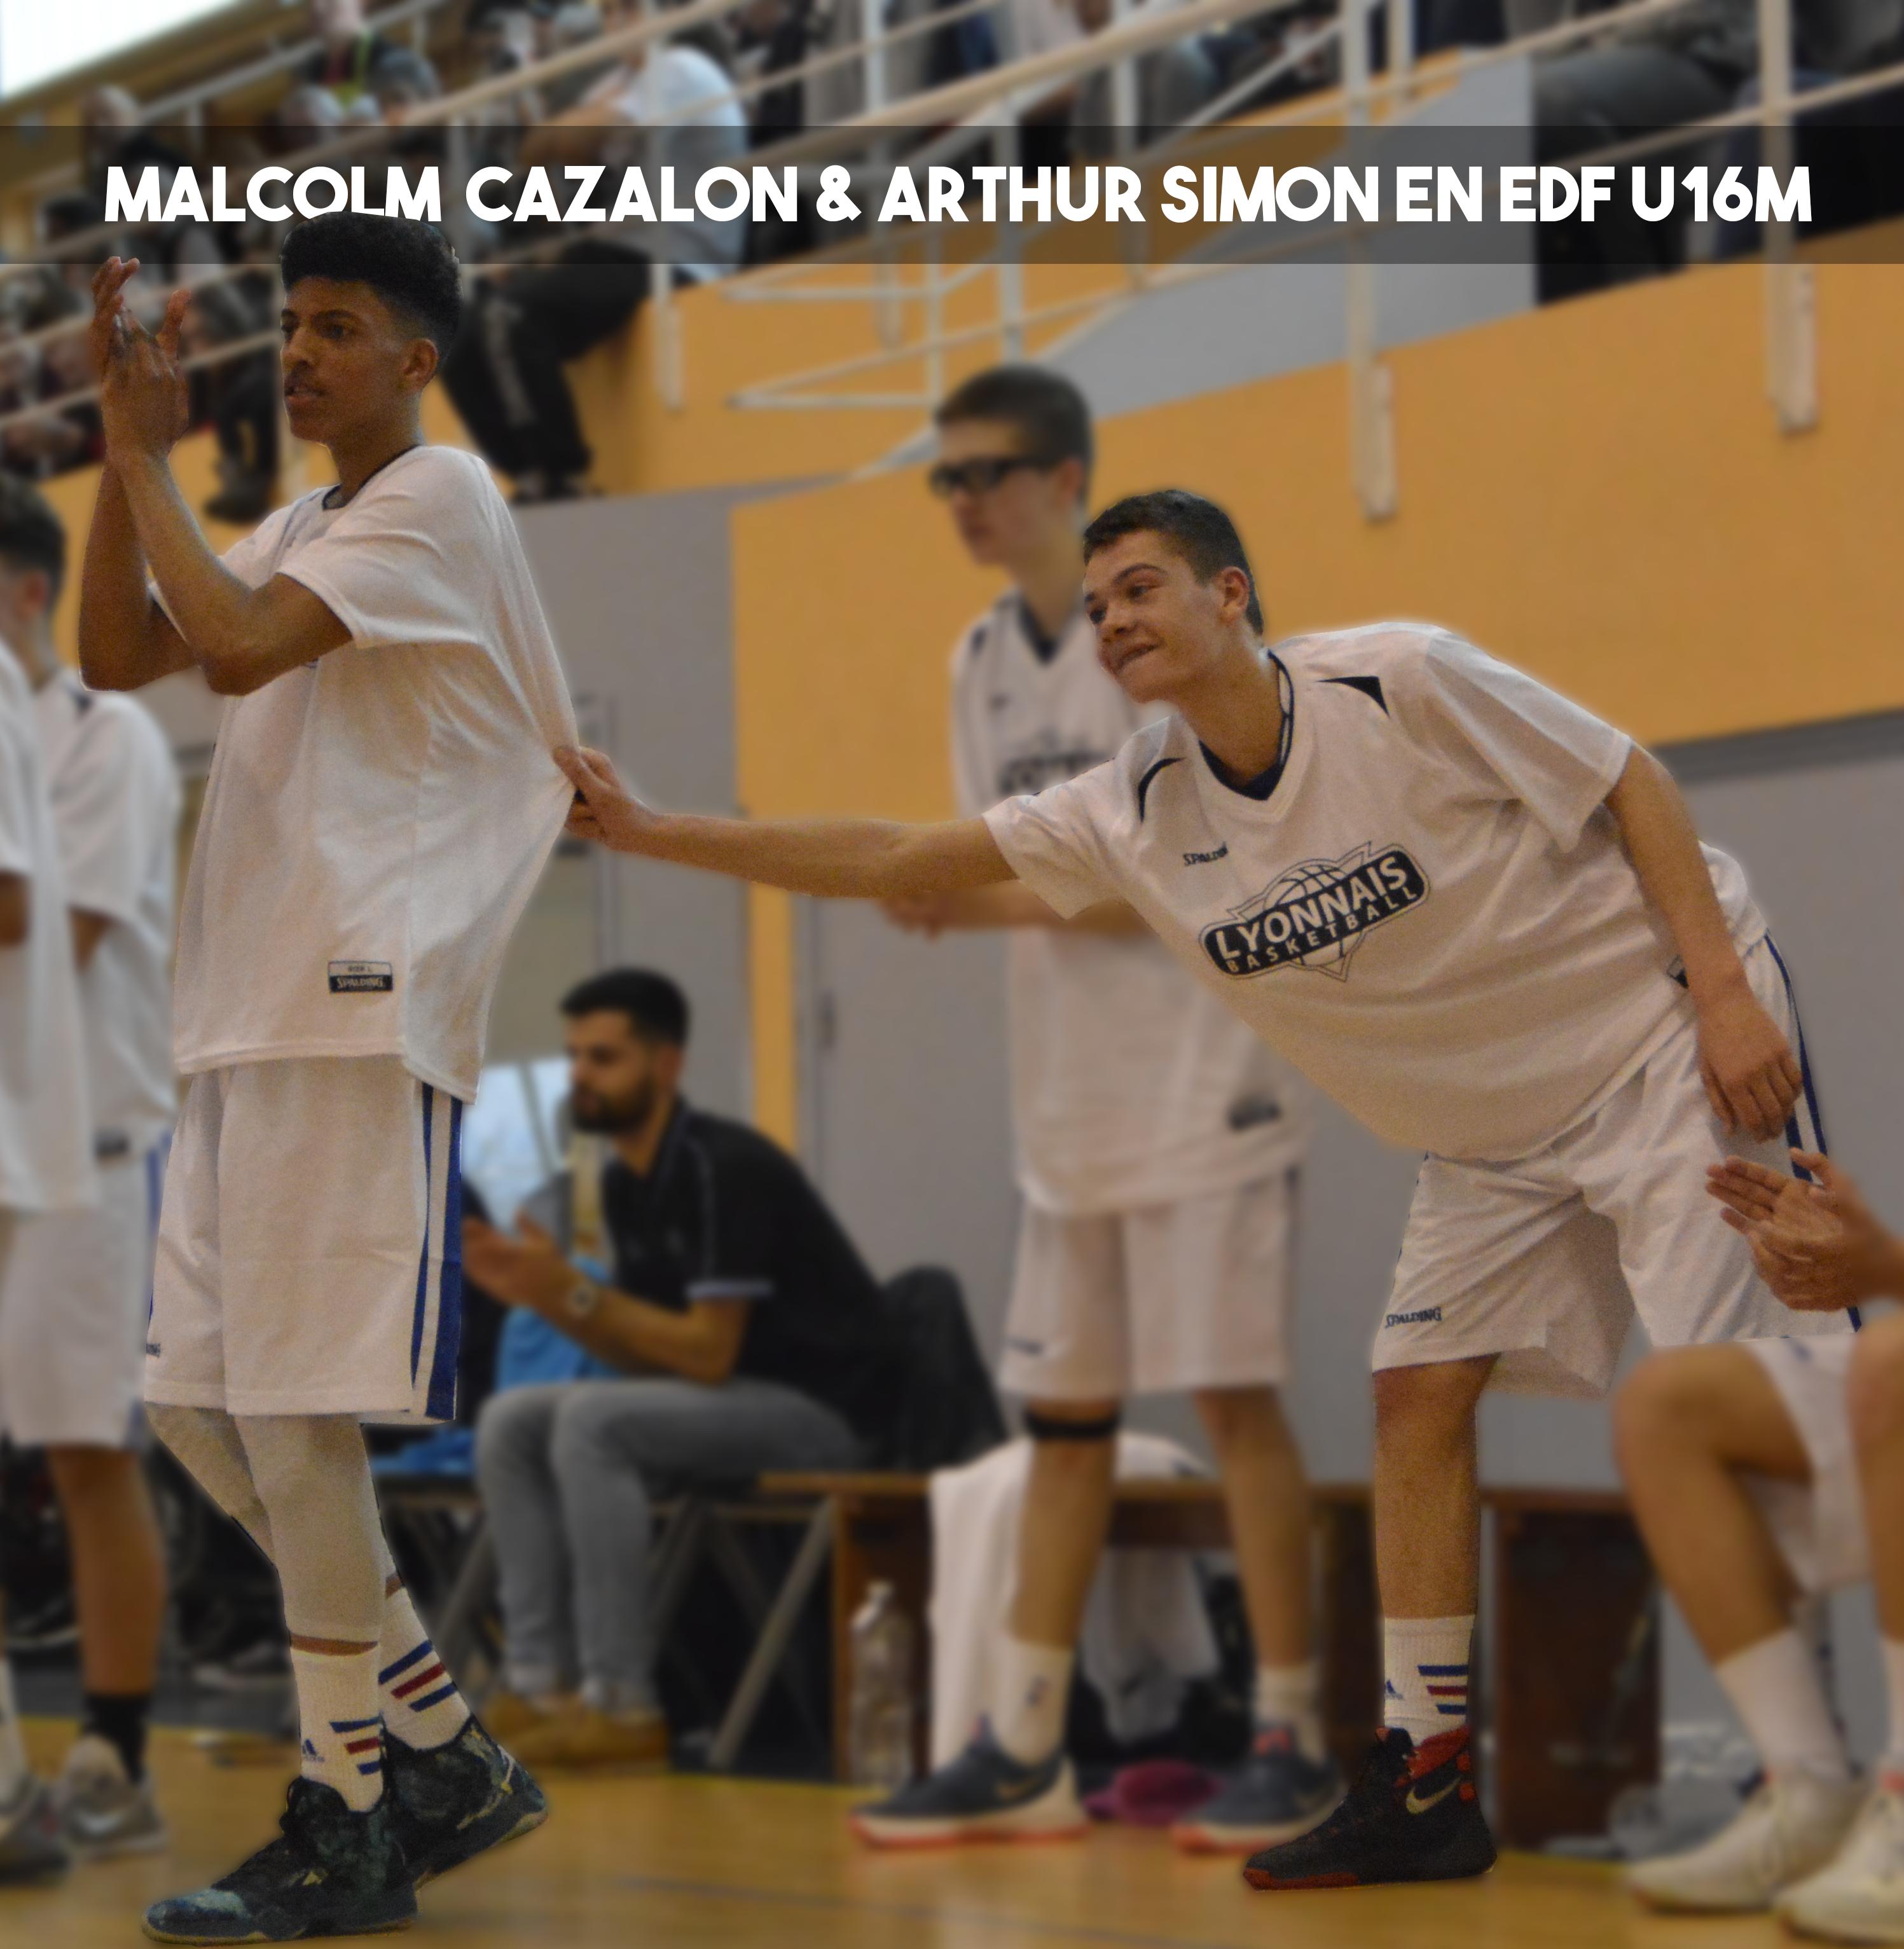 cazalon-simon-edf-U16-2017